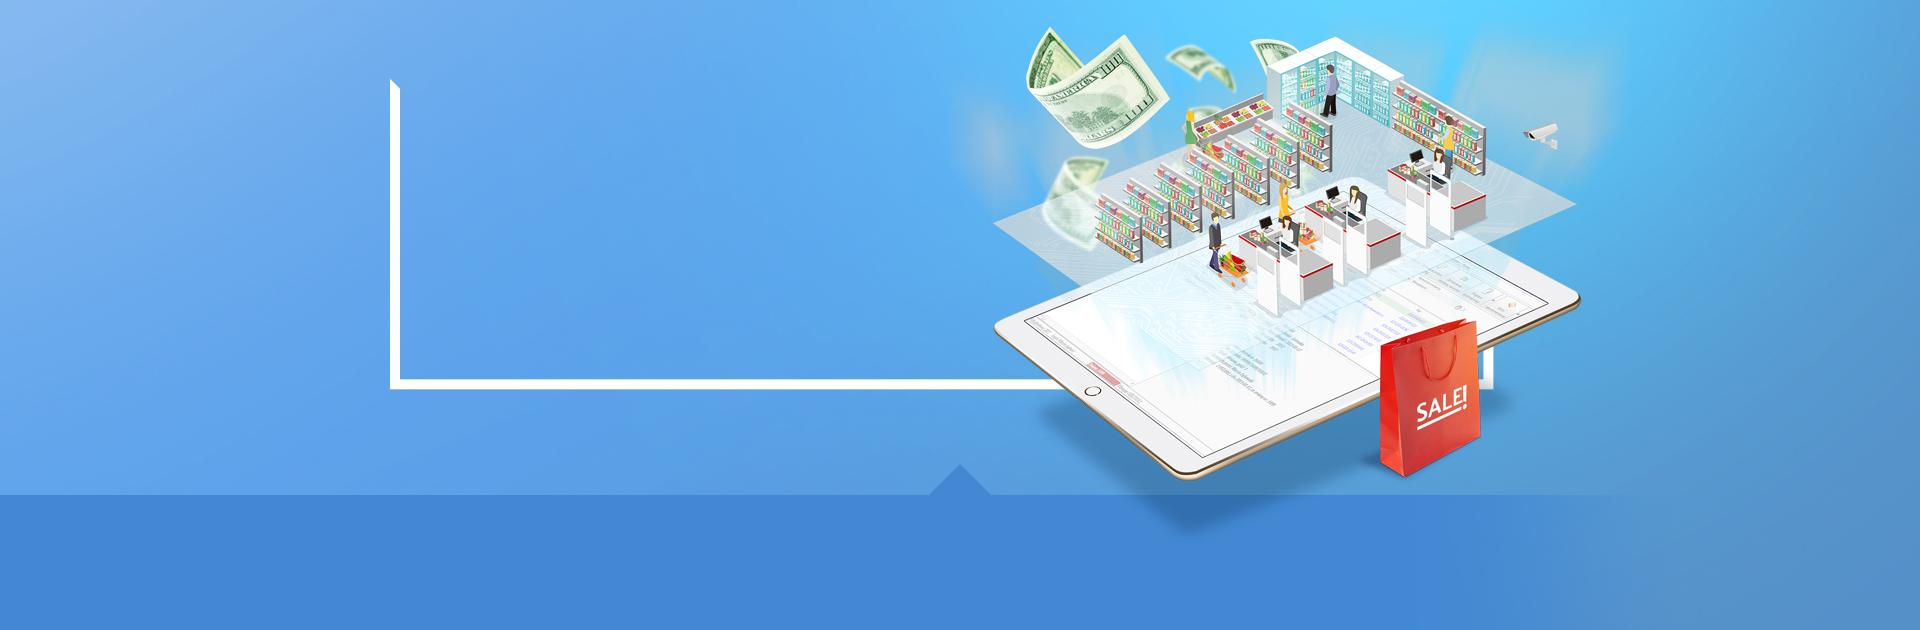 oprogramowanie dla biur rachunkowych slider 4